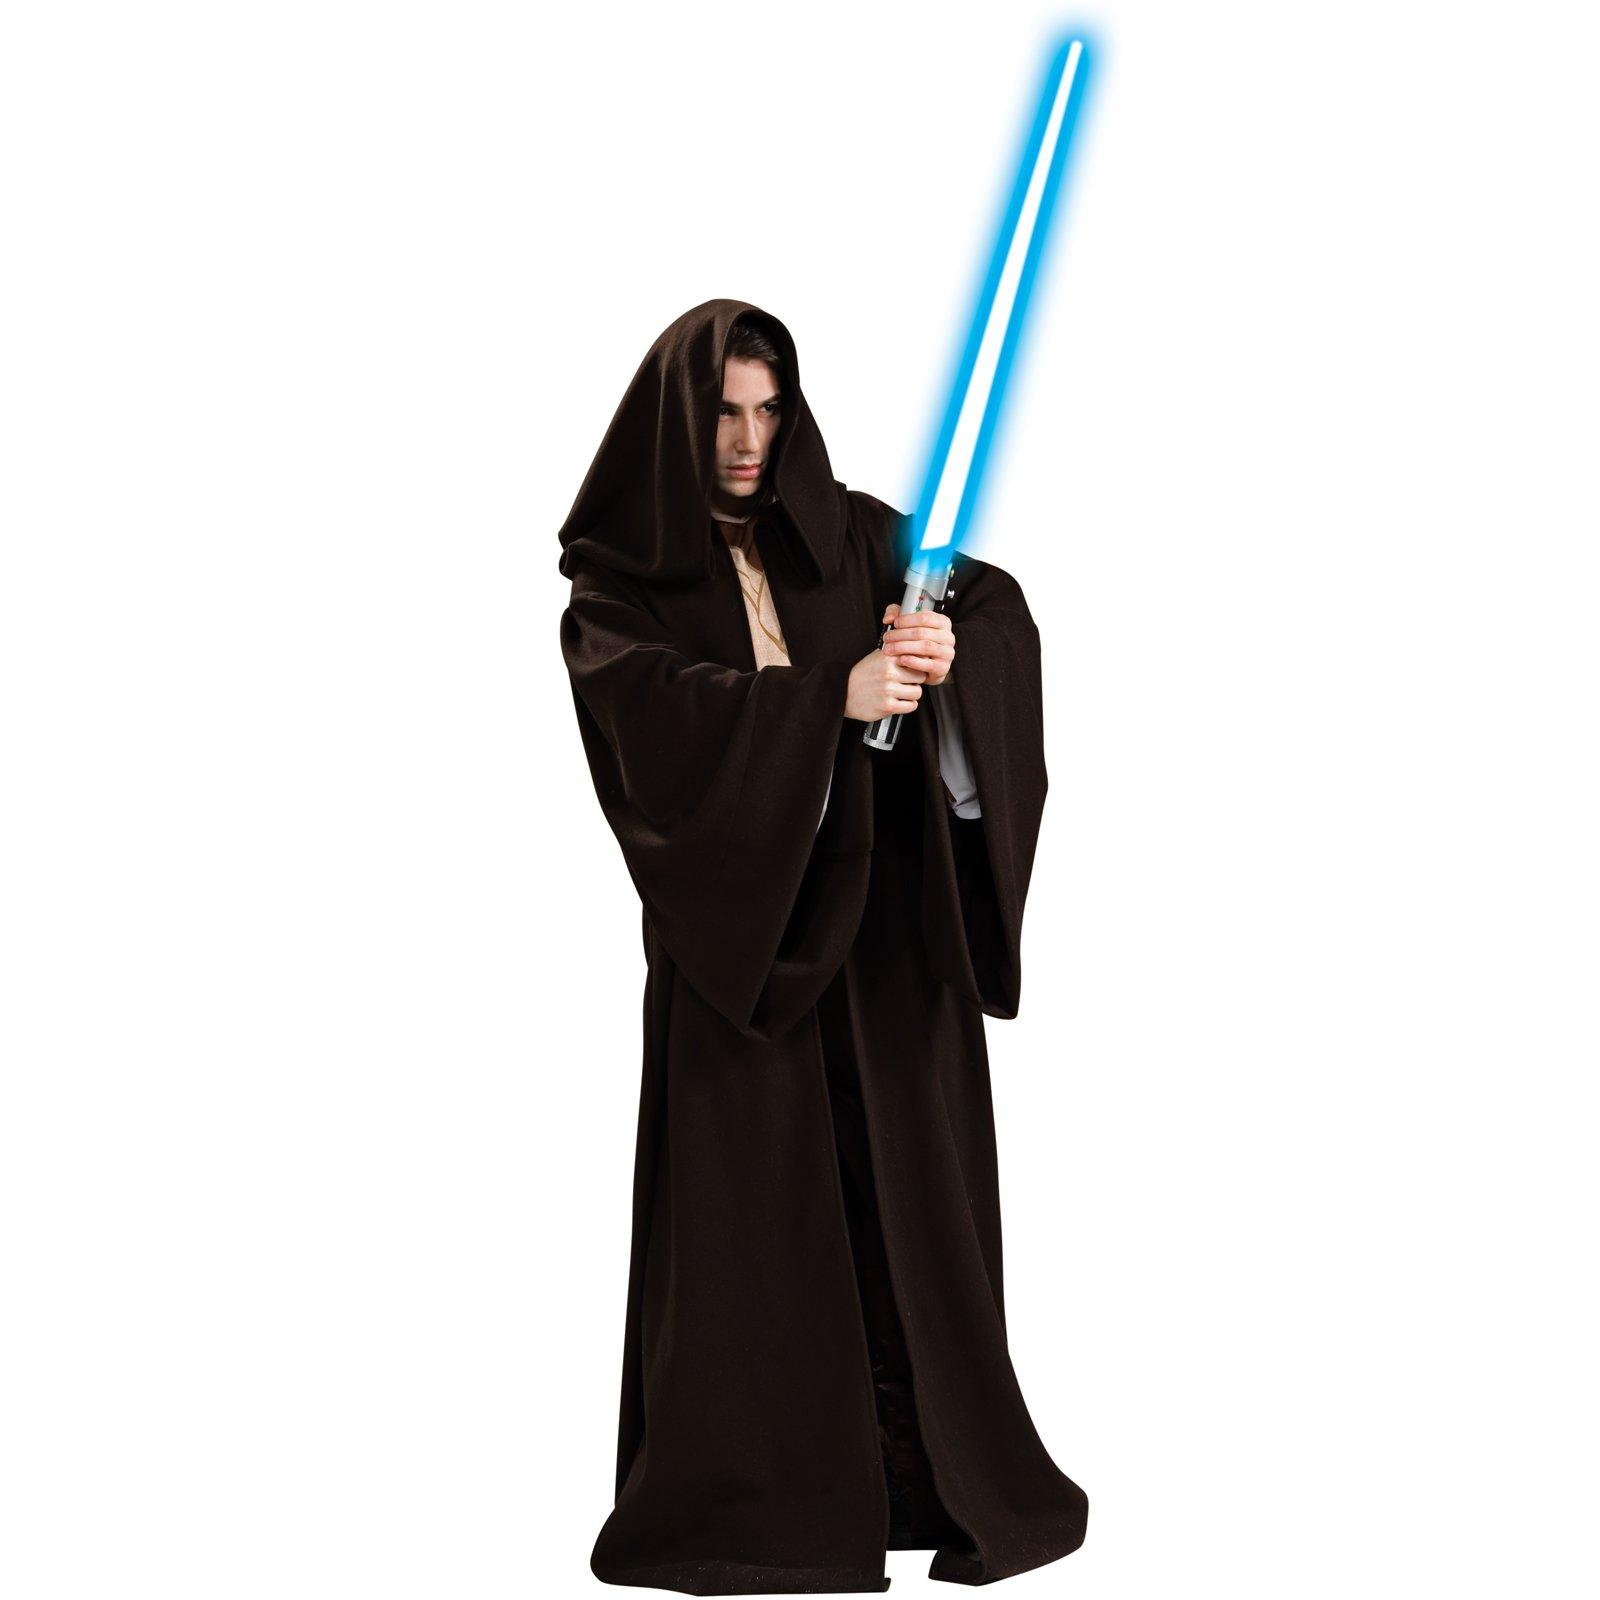 Adult starwars costumes hentai pics